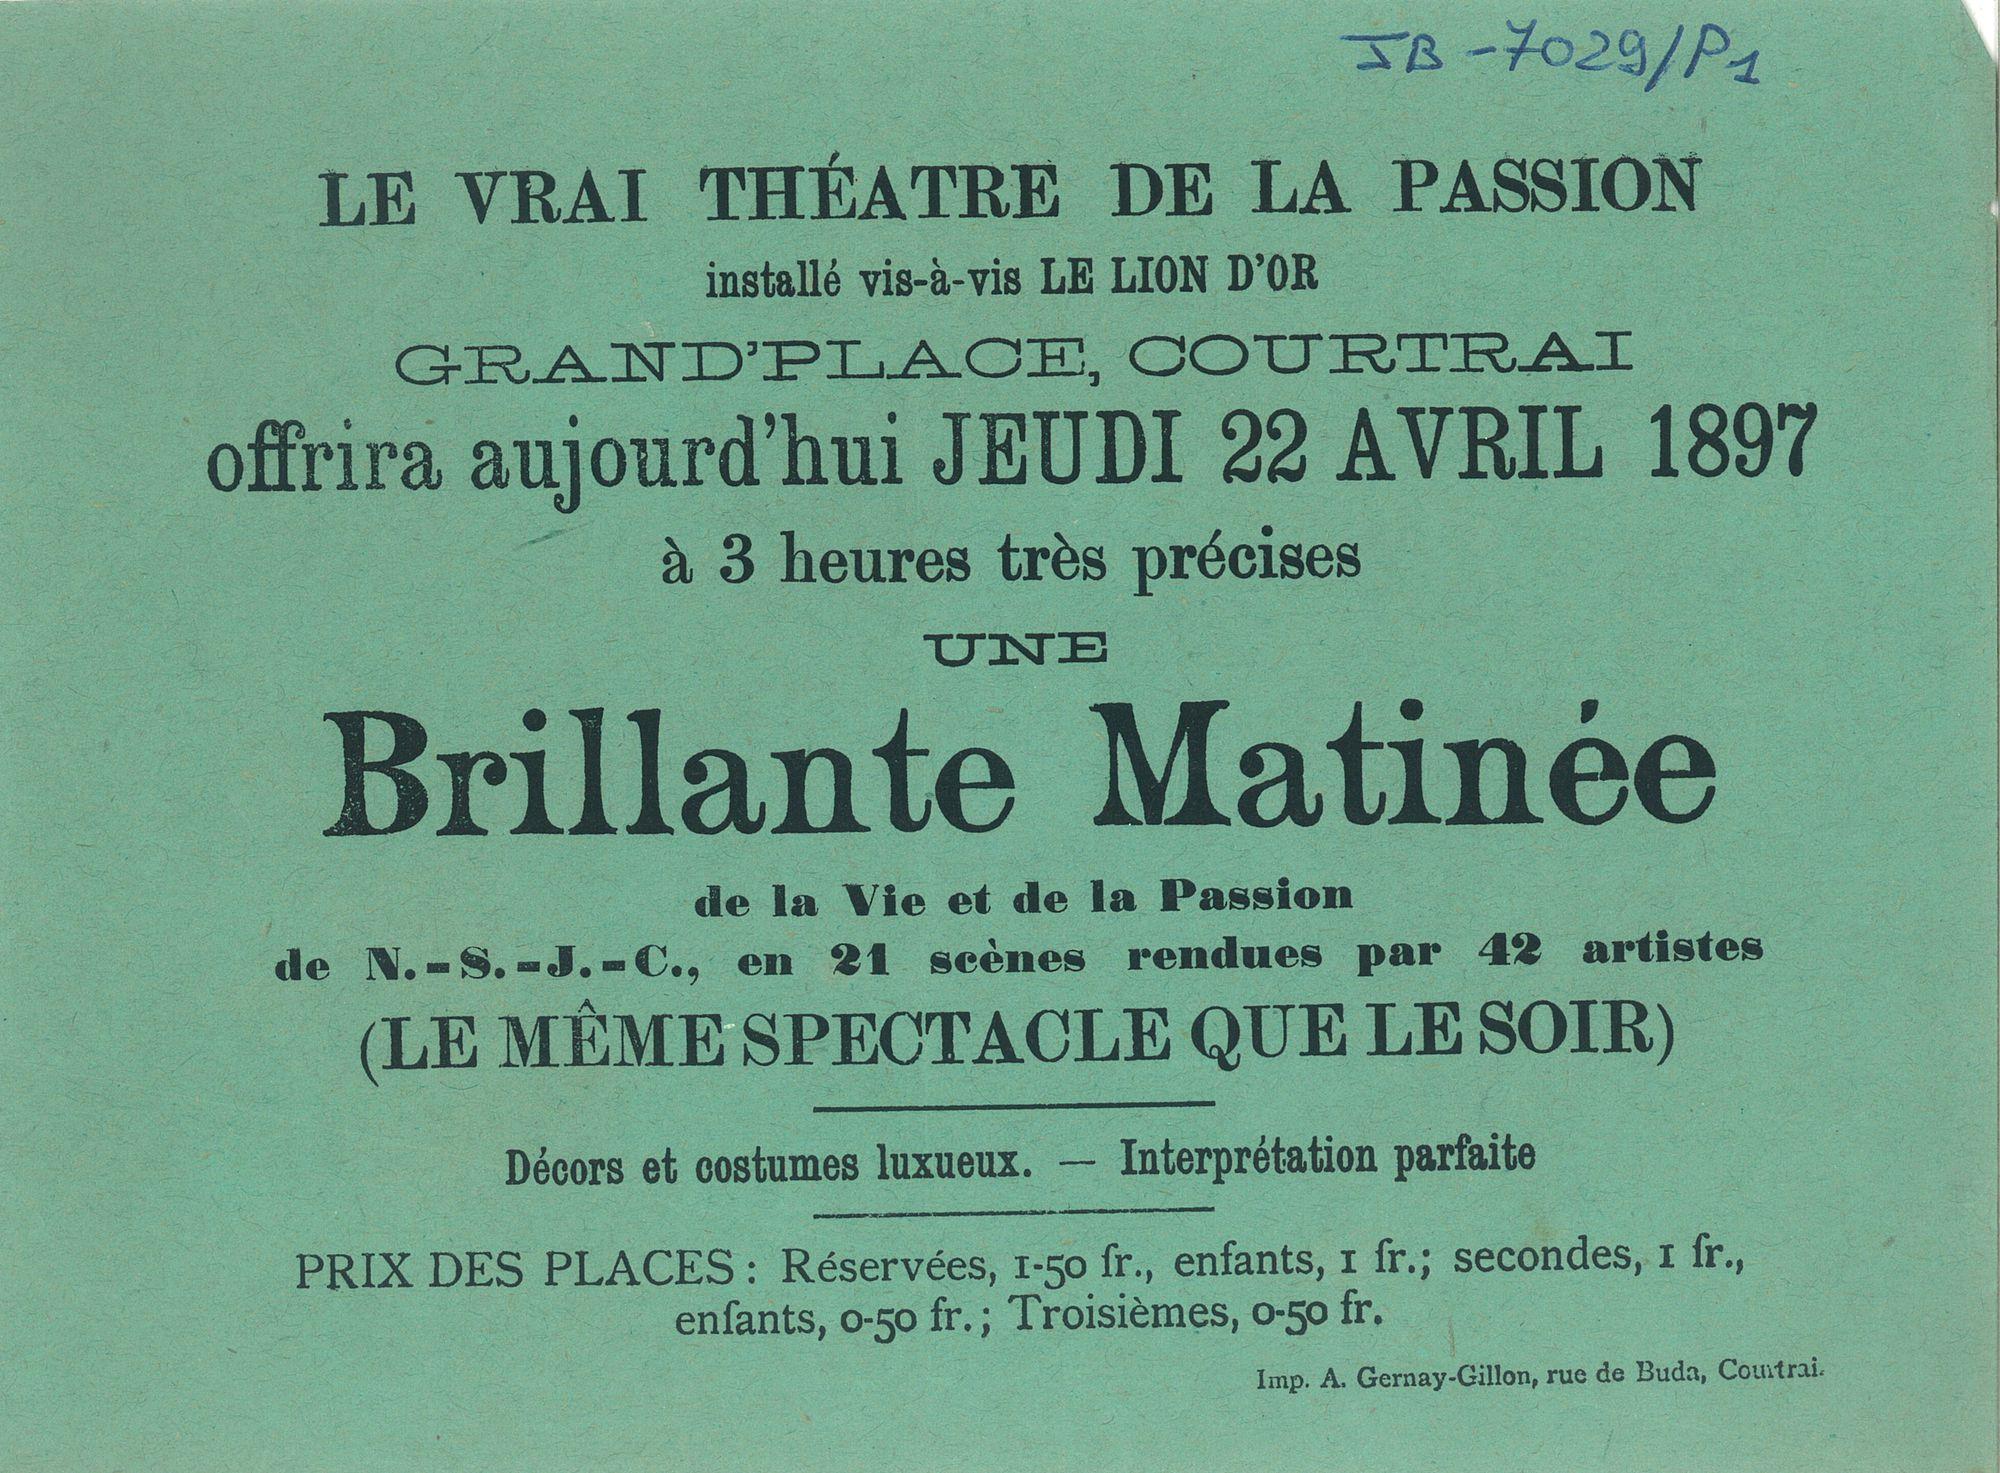 Paasfoor 1897: Theater der Passie